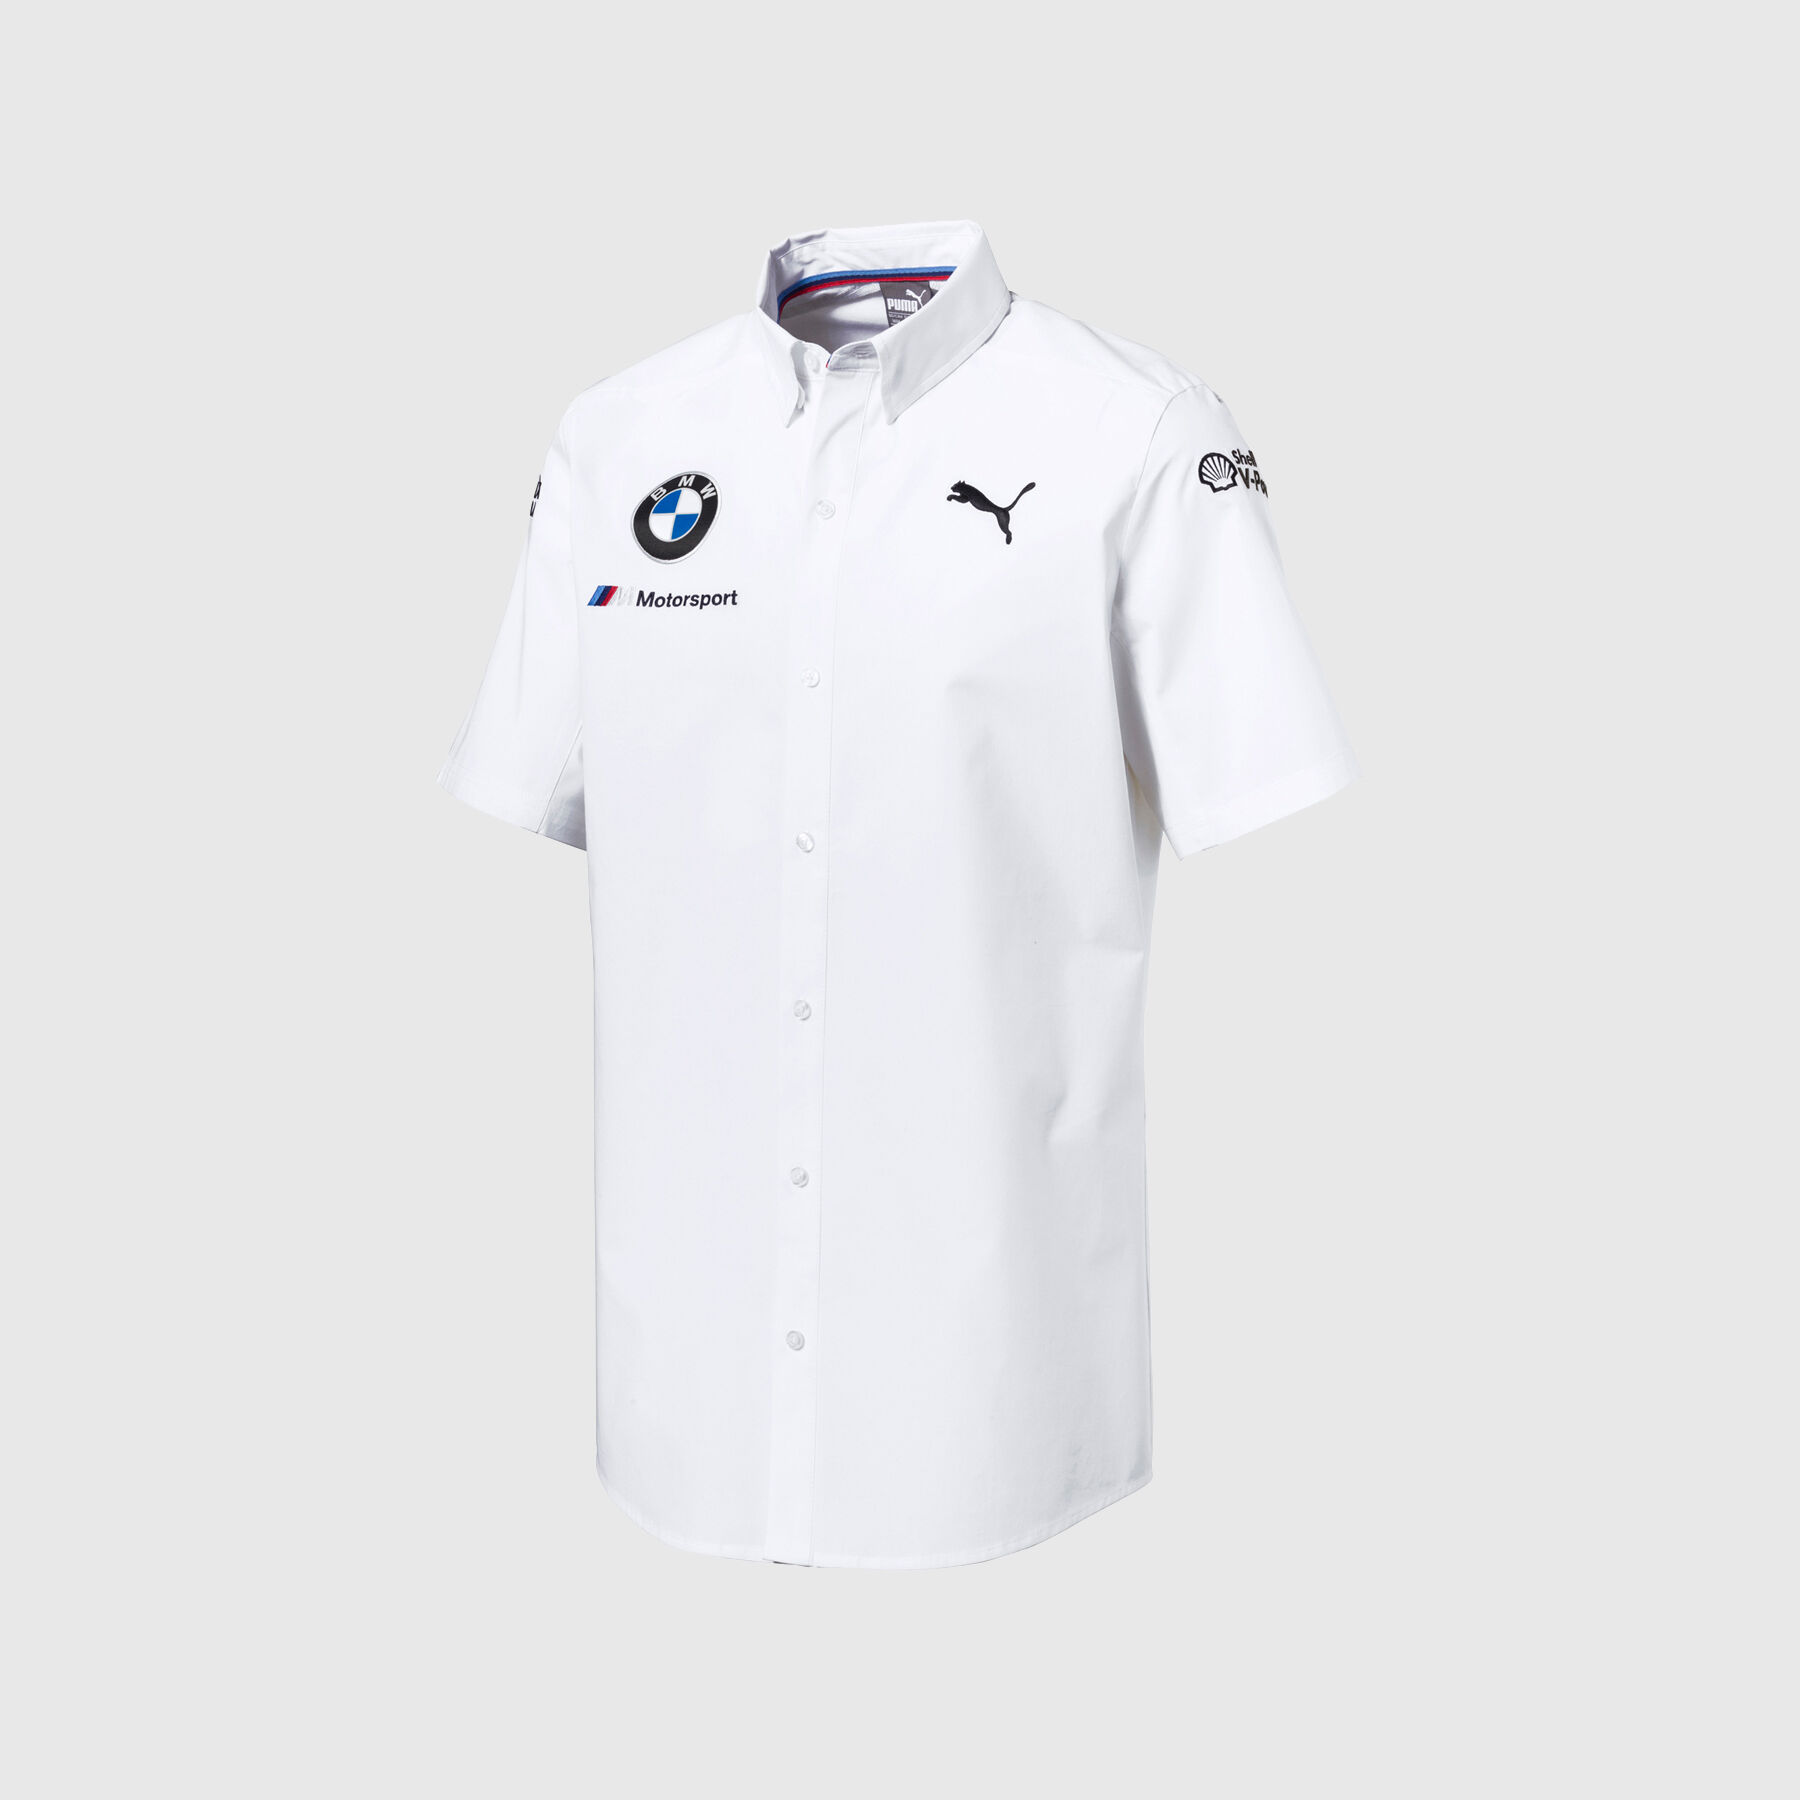 Team DTM Shirt - BMW Motorsport DTM | Fuel